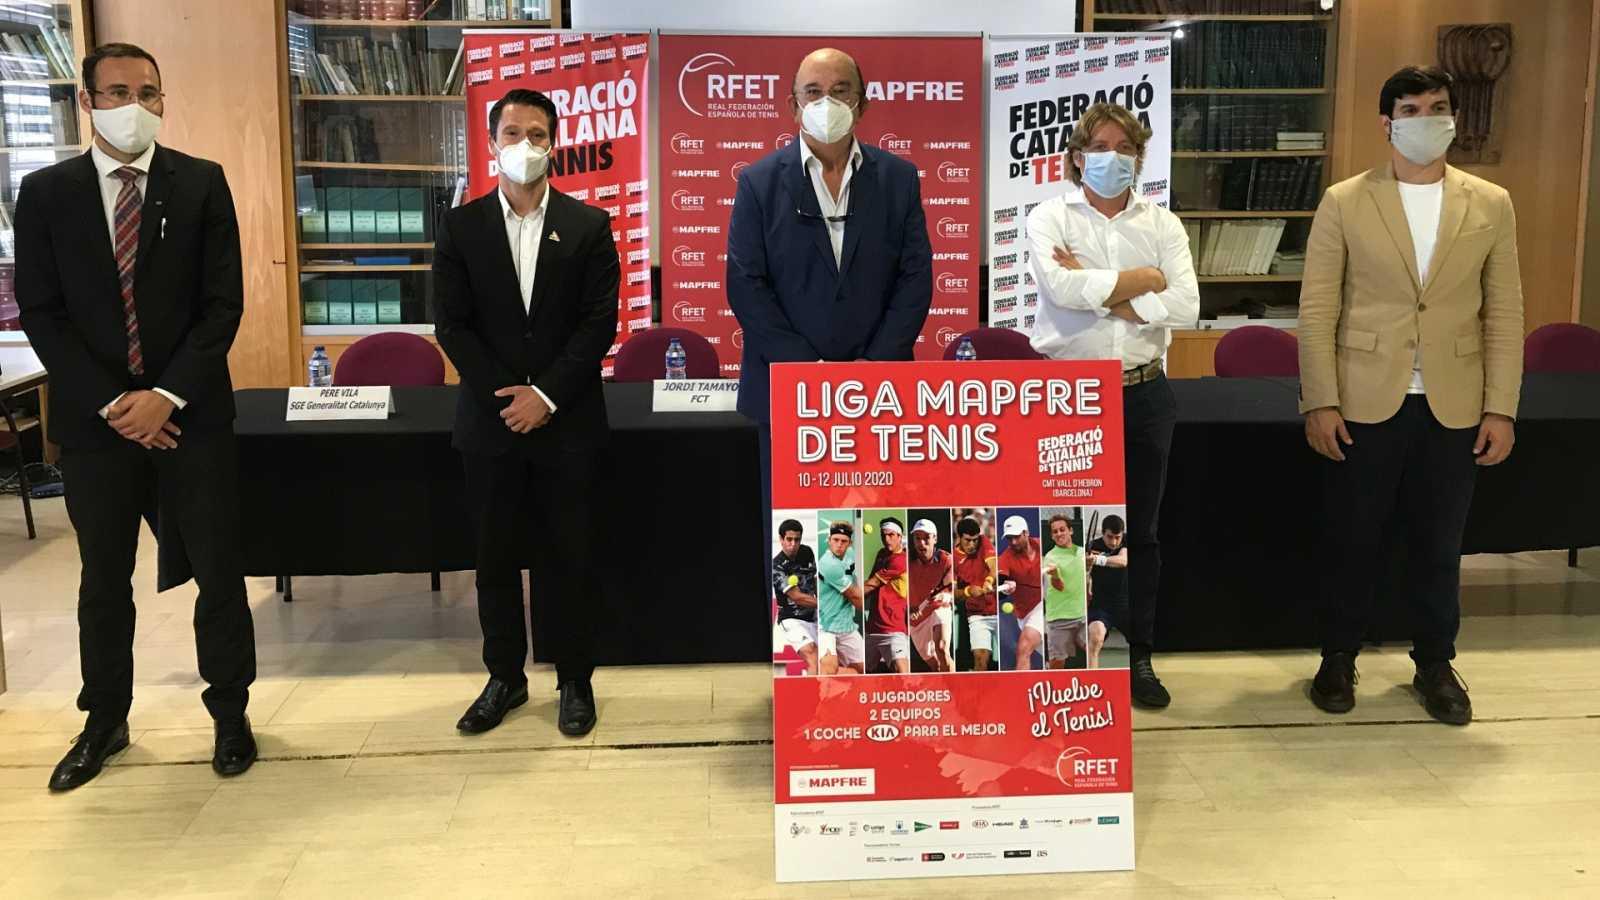 La Liga MAPFRE de Tenis presenta su torneo inaugural en Barcelona